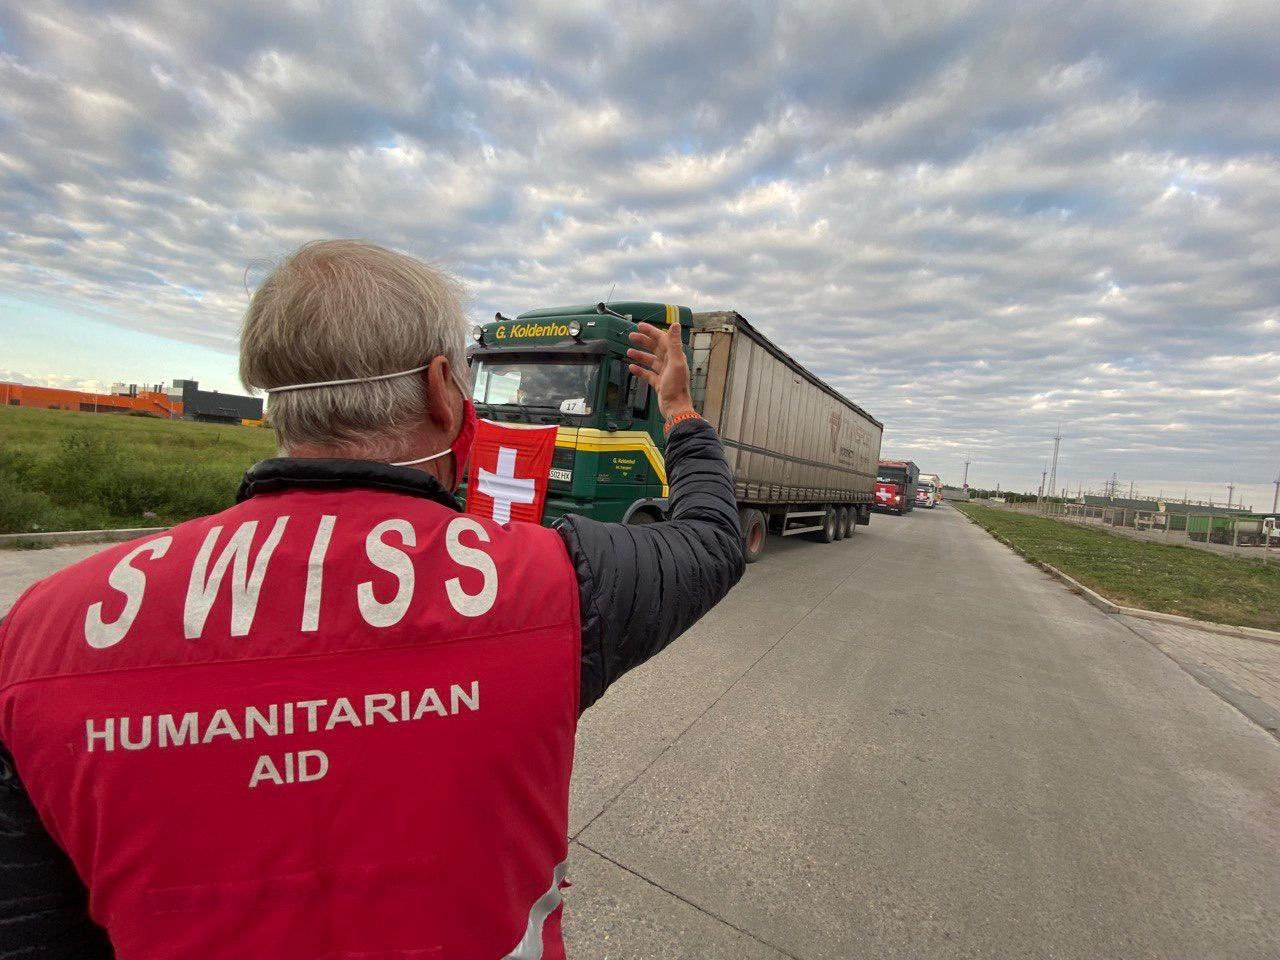 Швейцария направила в ОРДЛО 144 грузовиков с гумпомощью, - ФОТО, фото-1